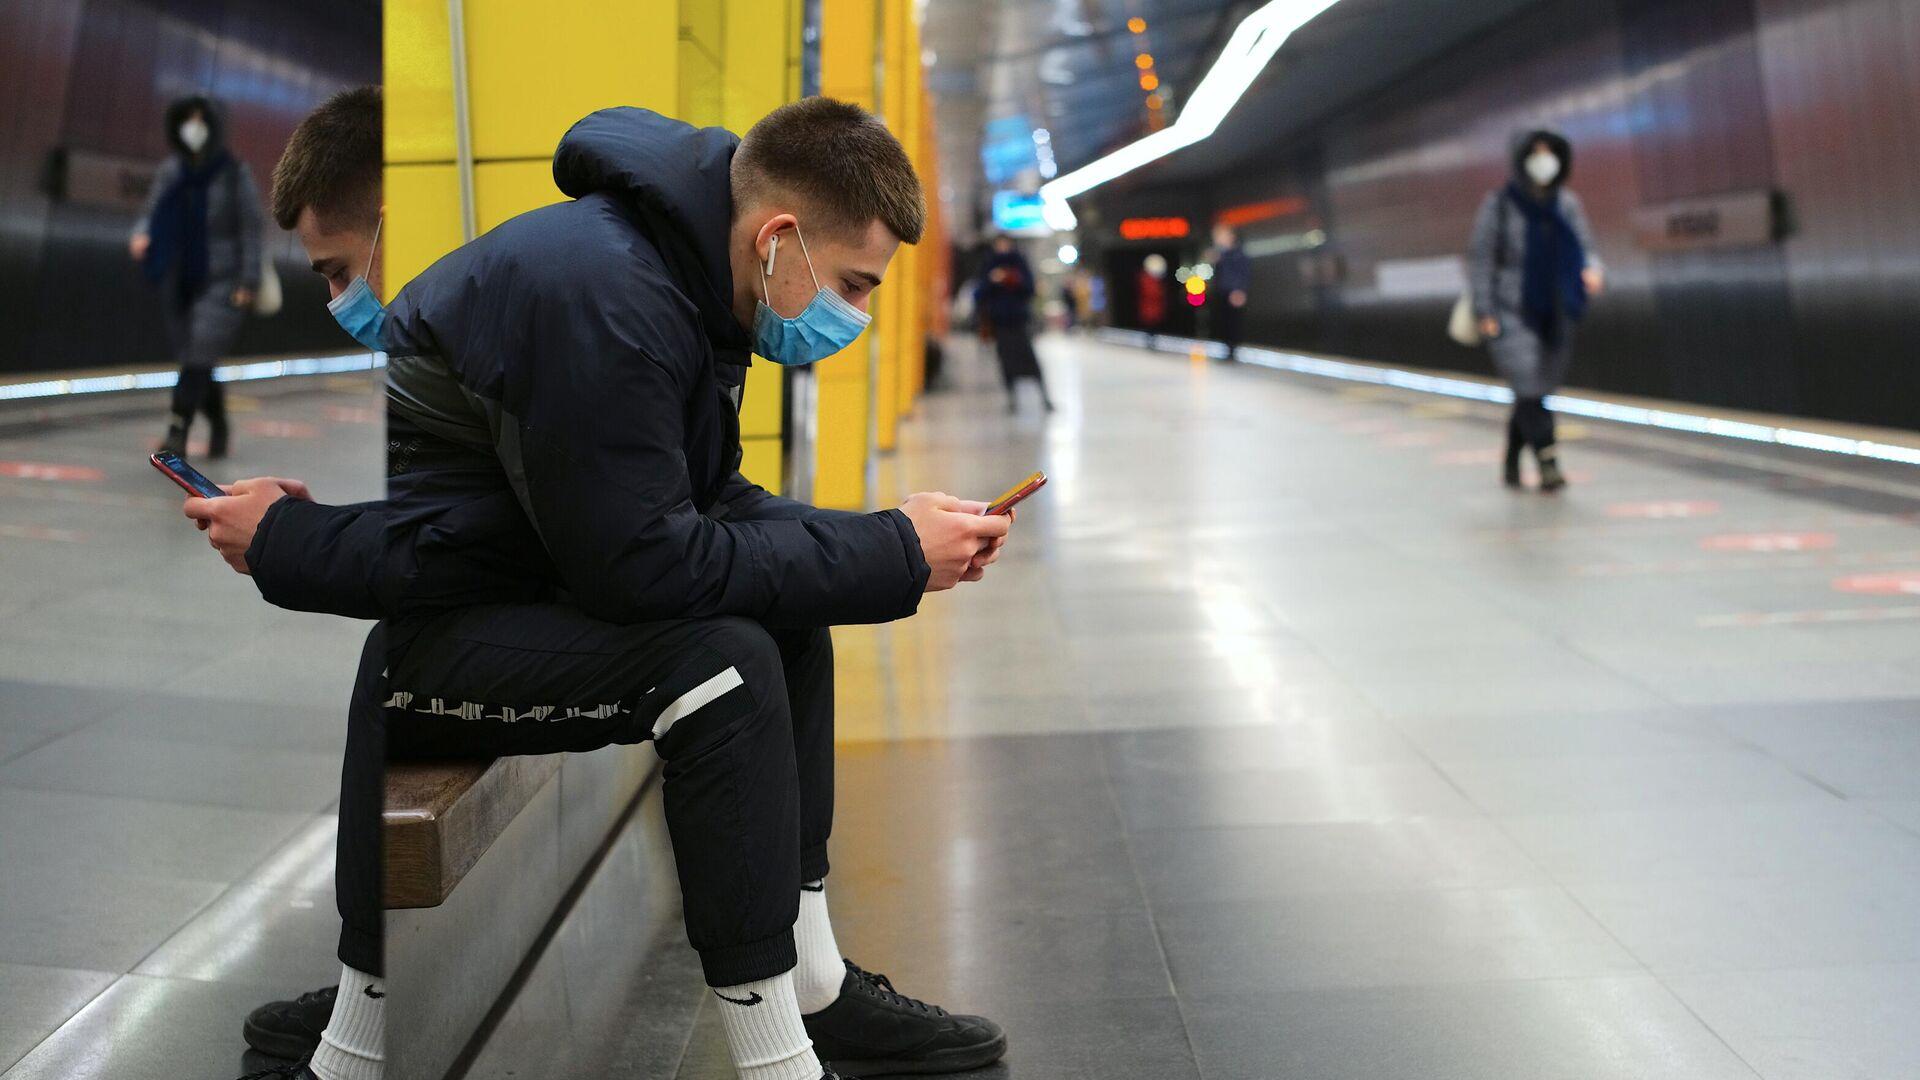 Молодой человек в защитной маске на платформе метро Жулебино Московского метрополитена - РИА Новости, 1920, 22.12.2020